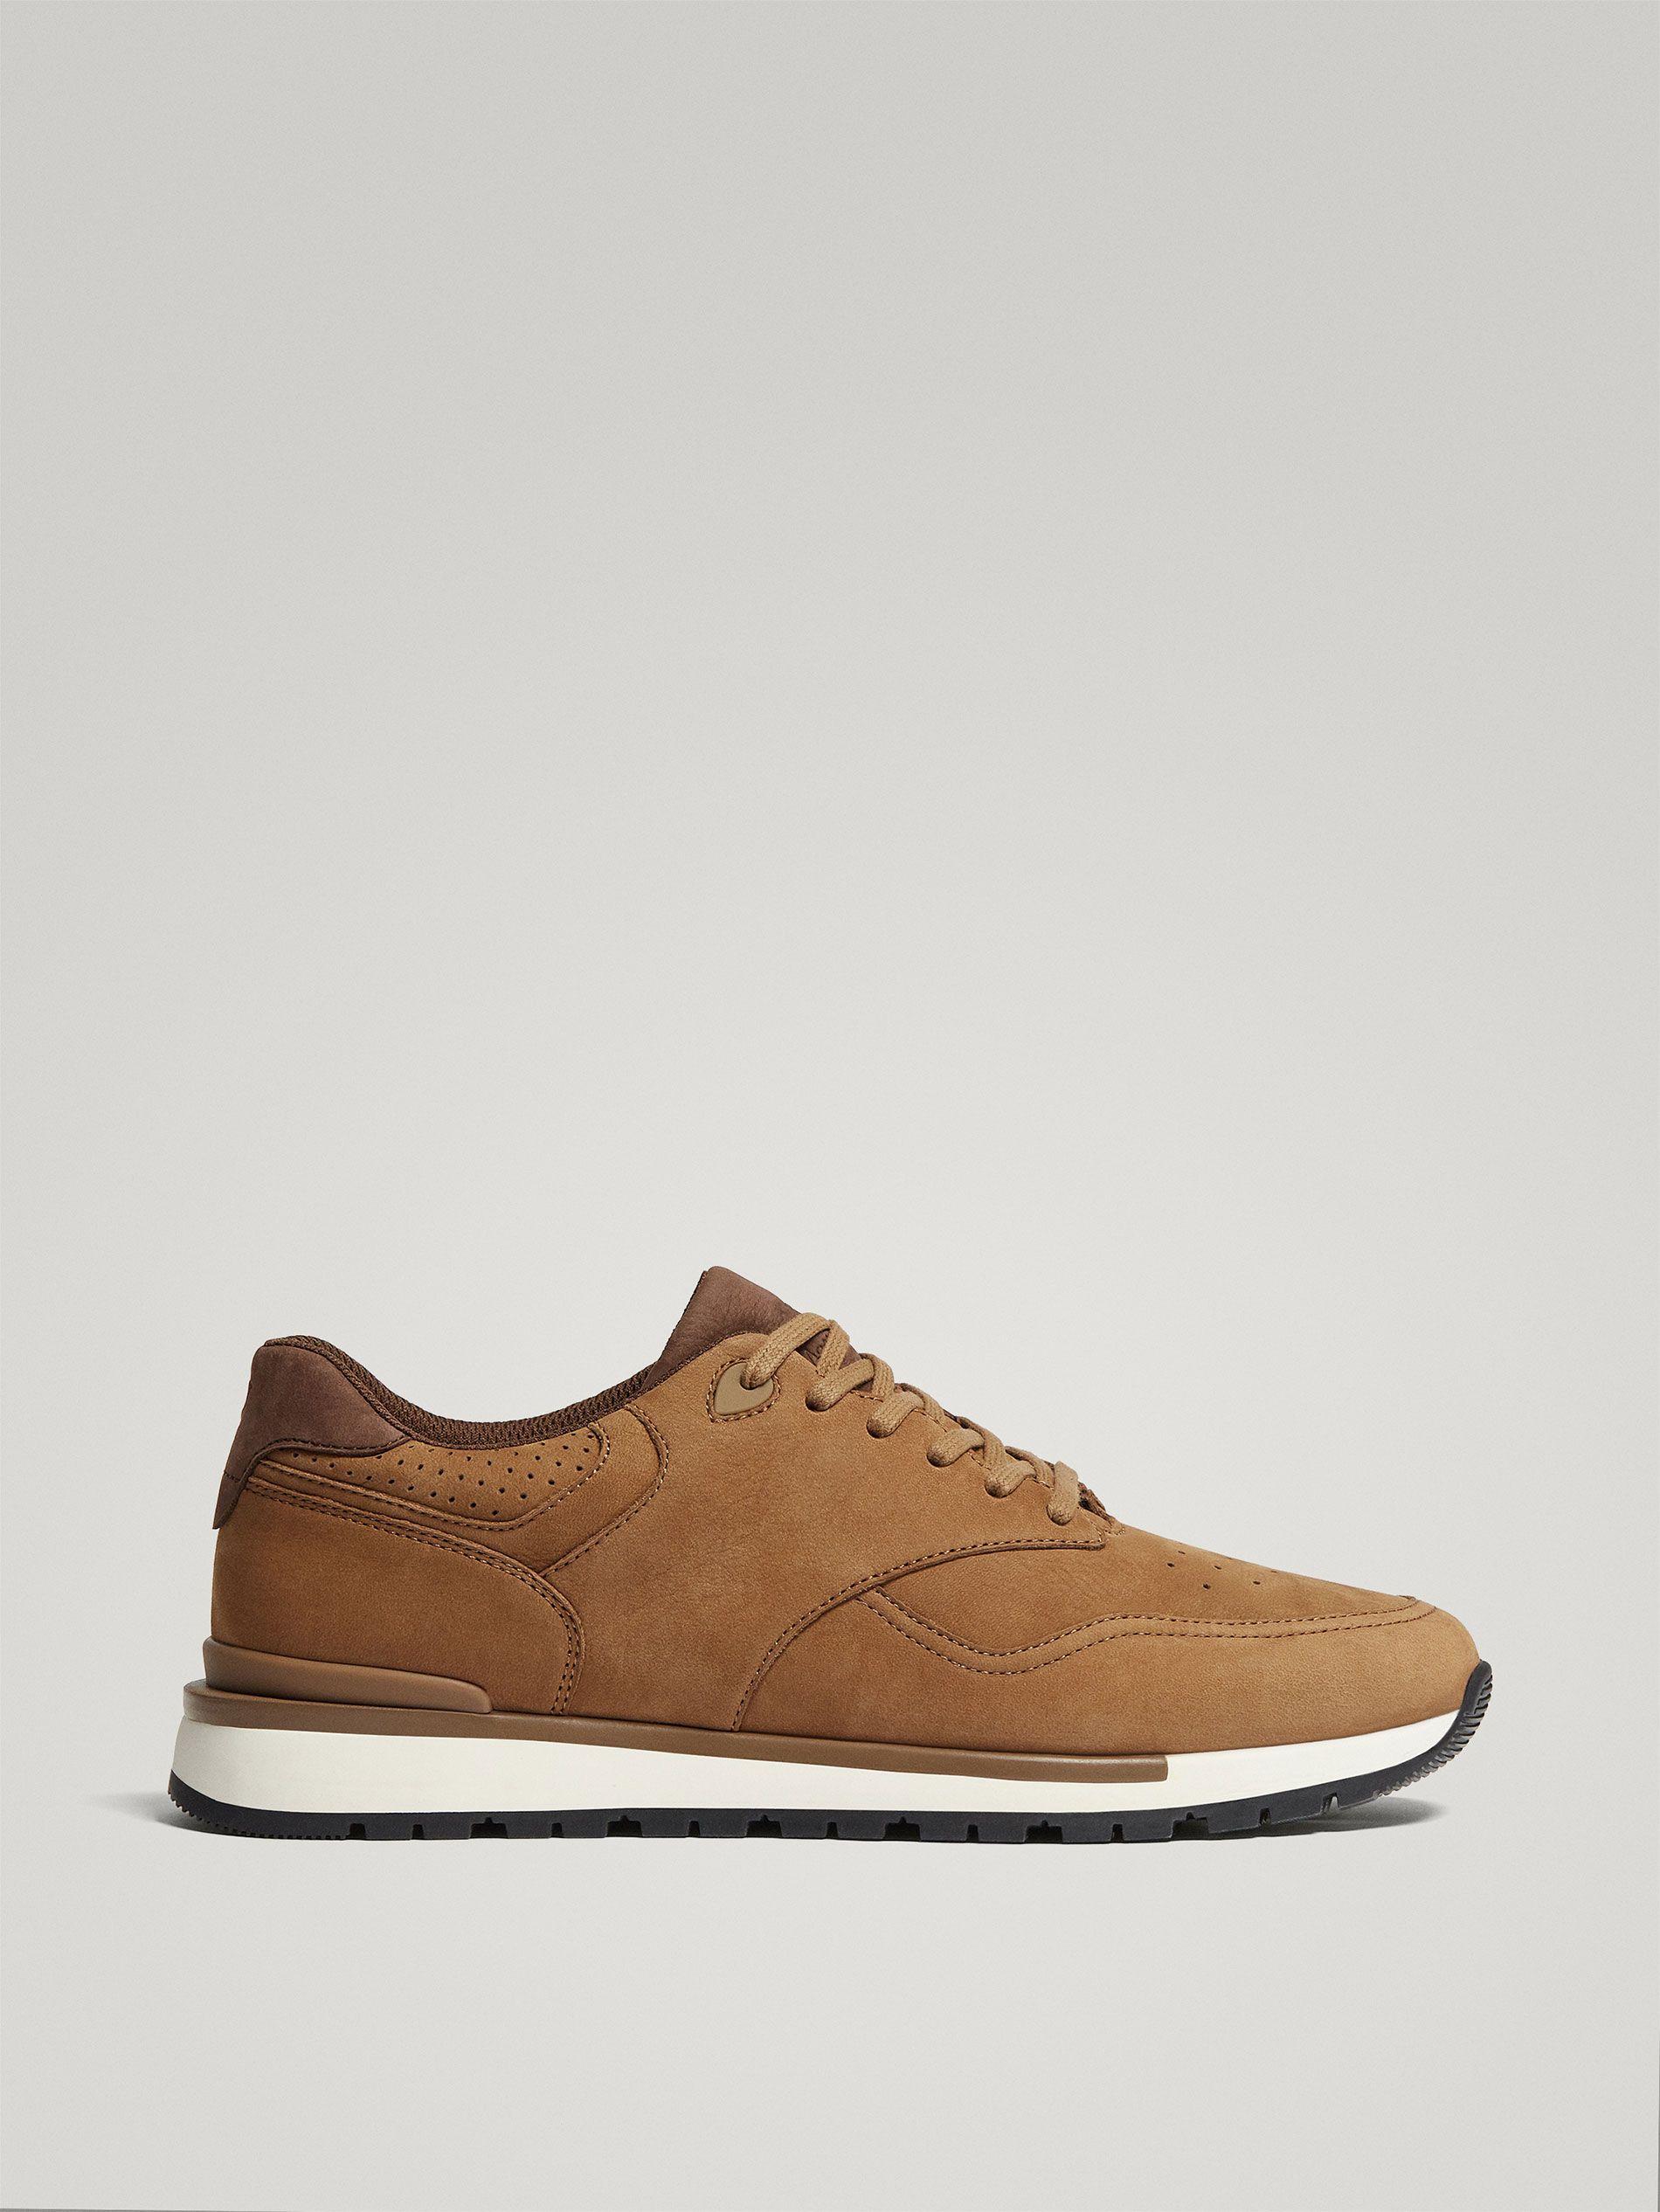 Zapatos de hombre | Massimo Dutti Colección Primavera Verano